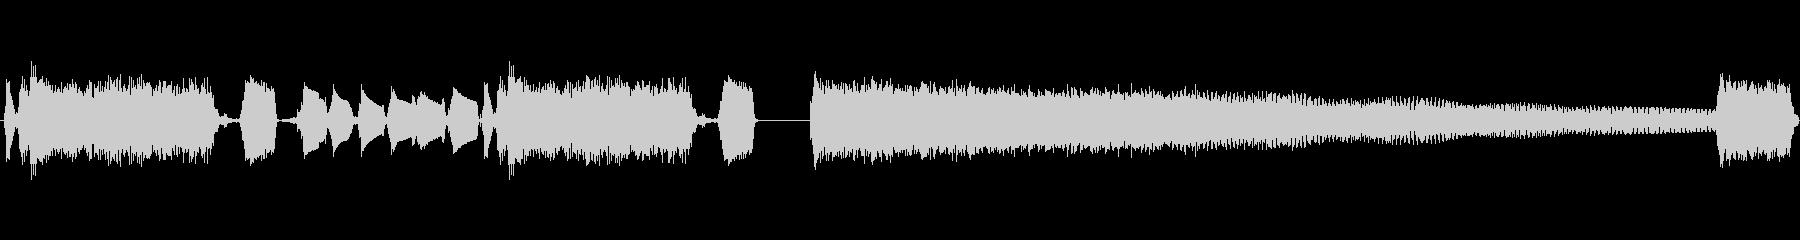 エレキギターのロックジングルの未再生の波形